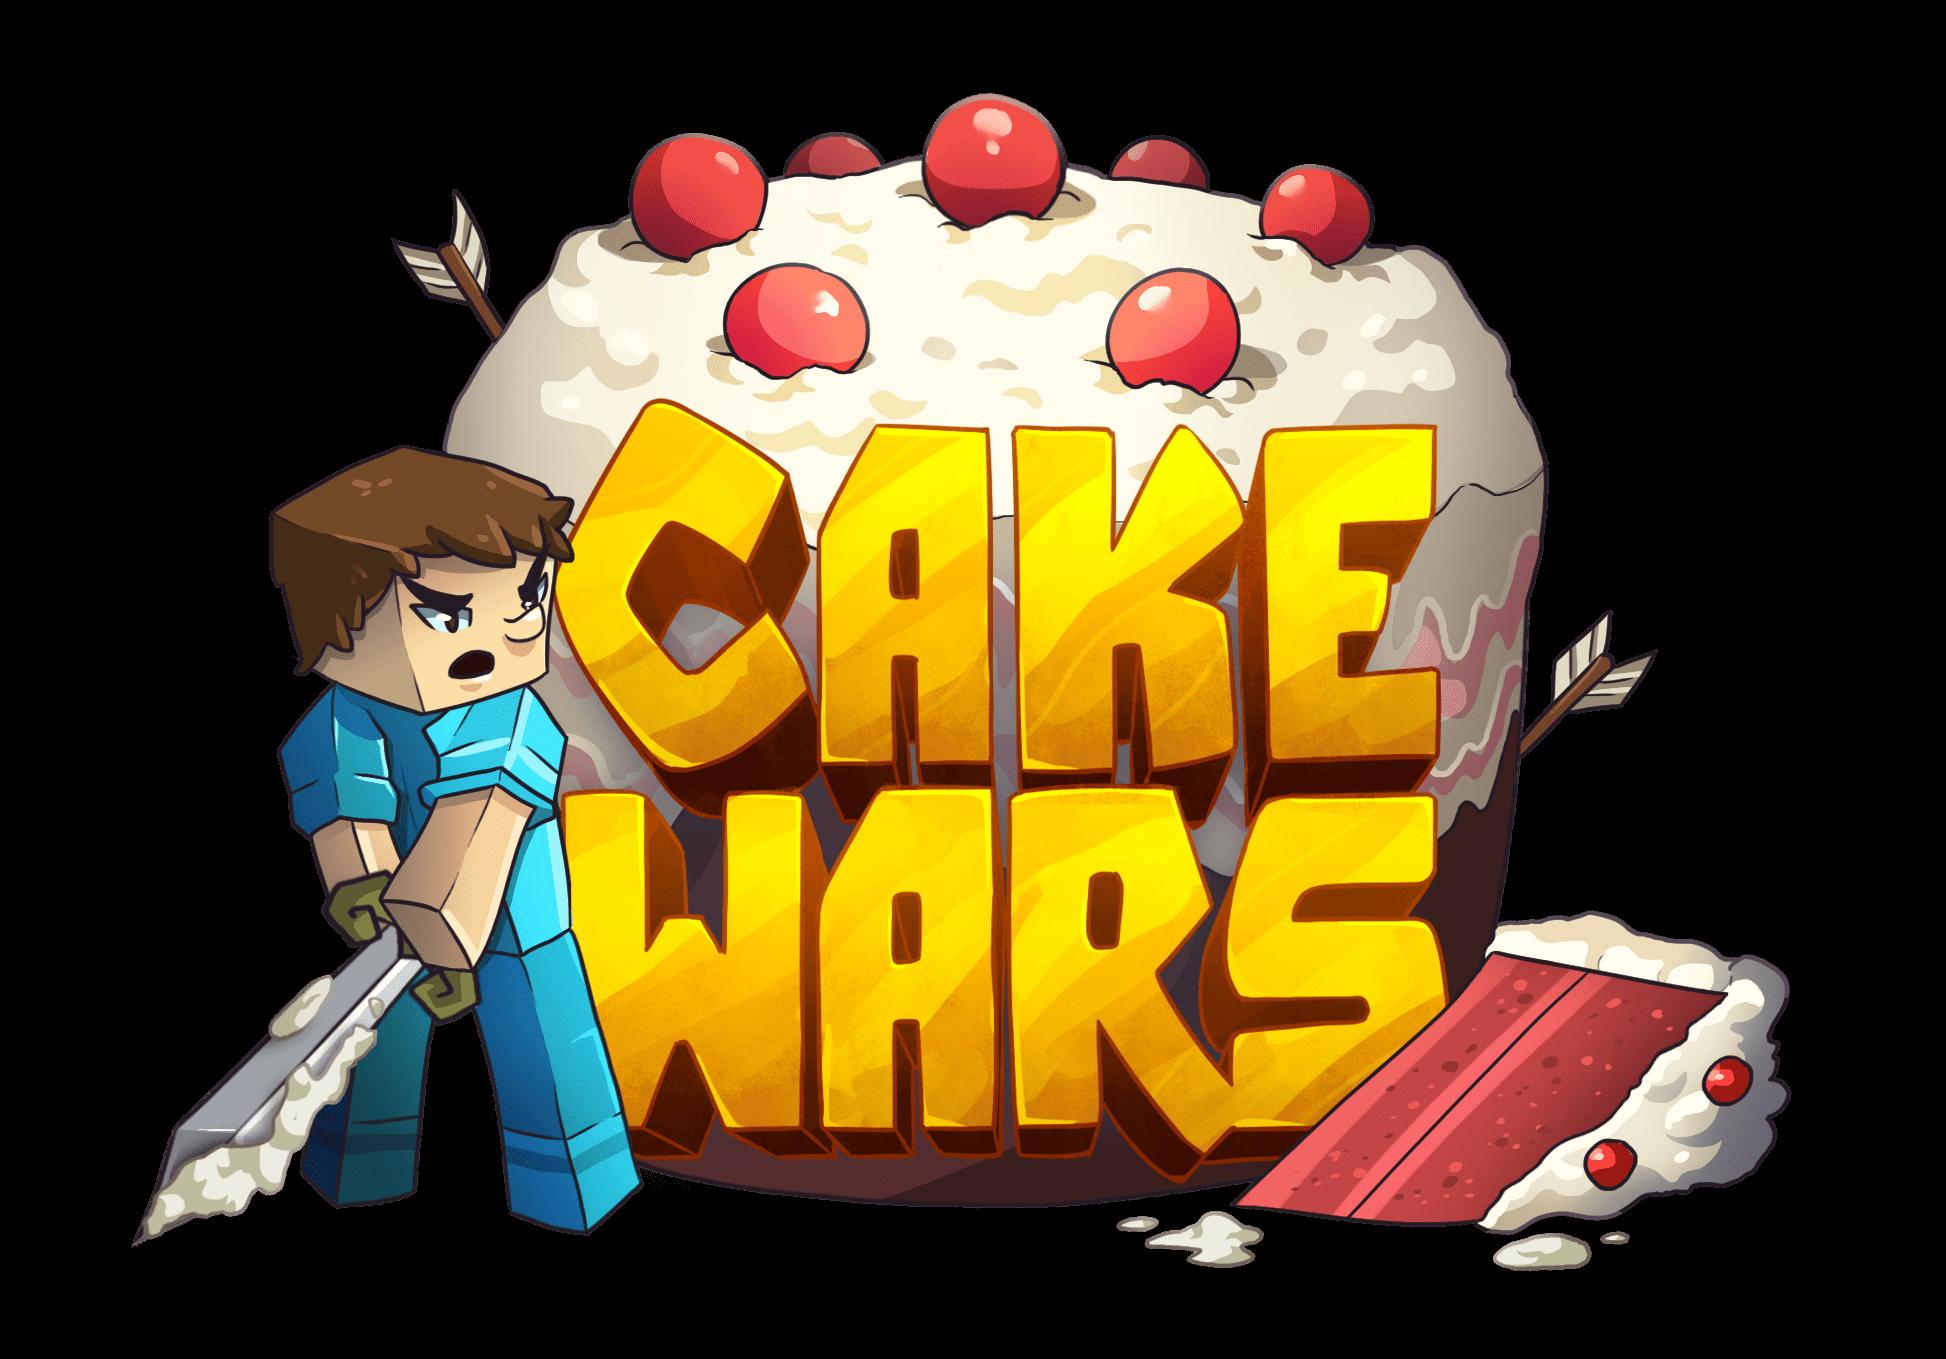 Cake Wars Mineplex Wiki Fandom